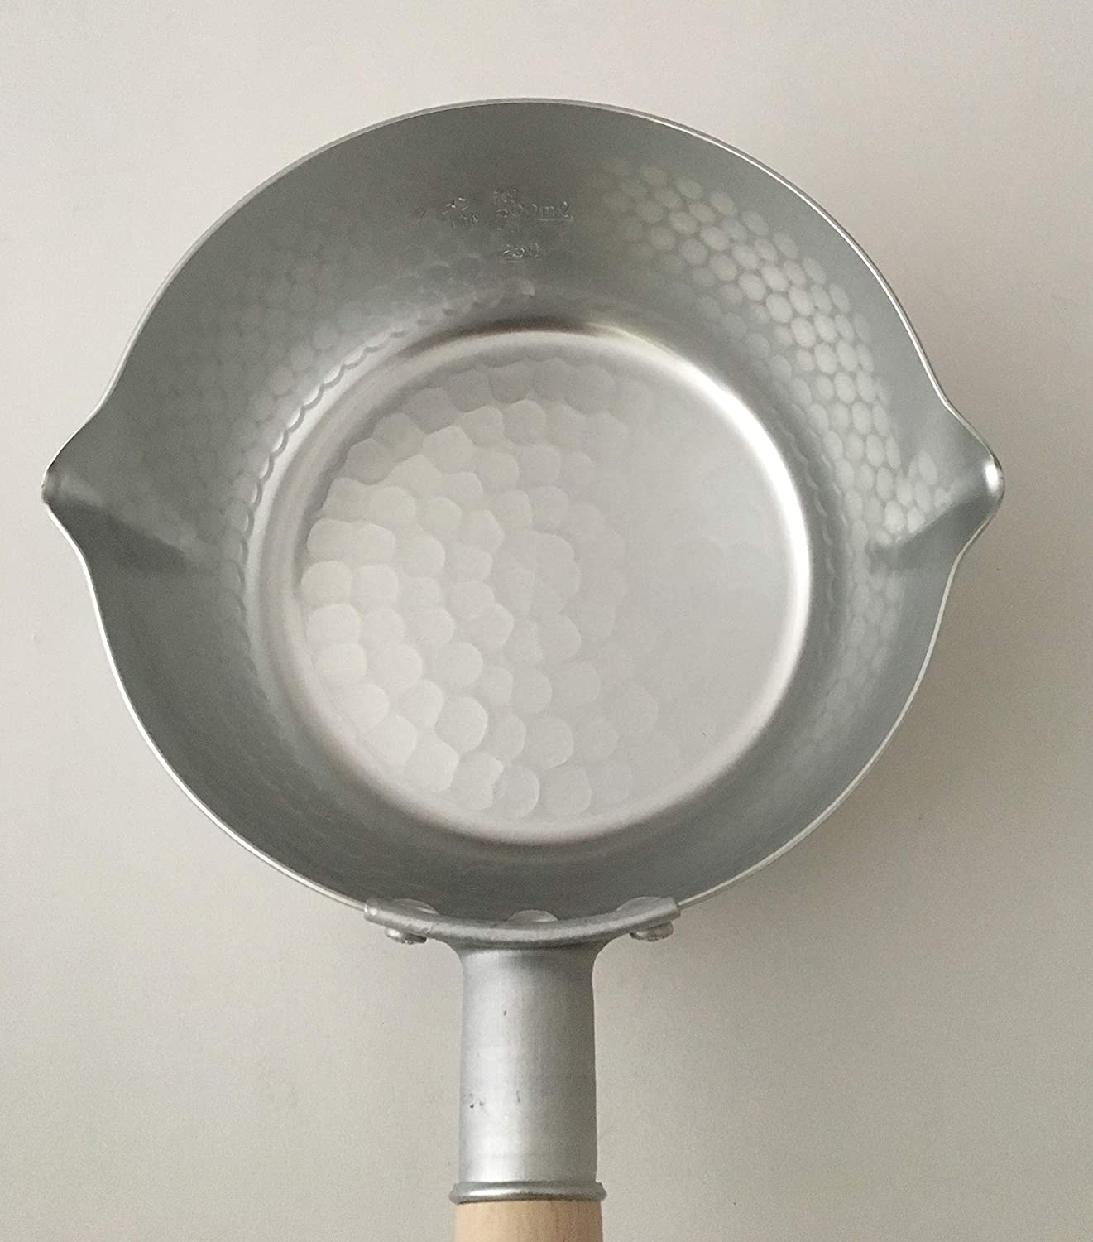 和の職人 谷口金属 日本製 和の職人 誉ゆきひら鍋 シルバー 16cmの商品画像6